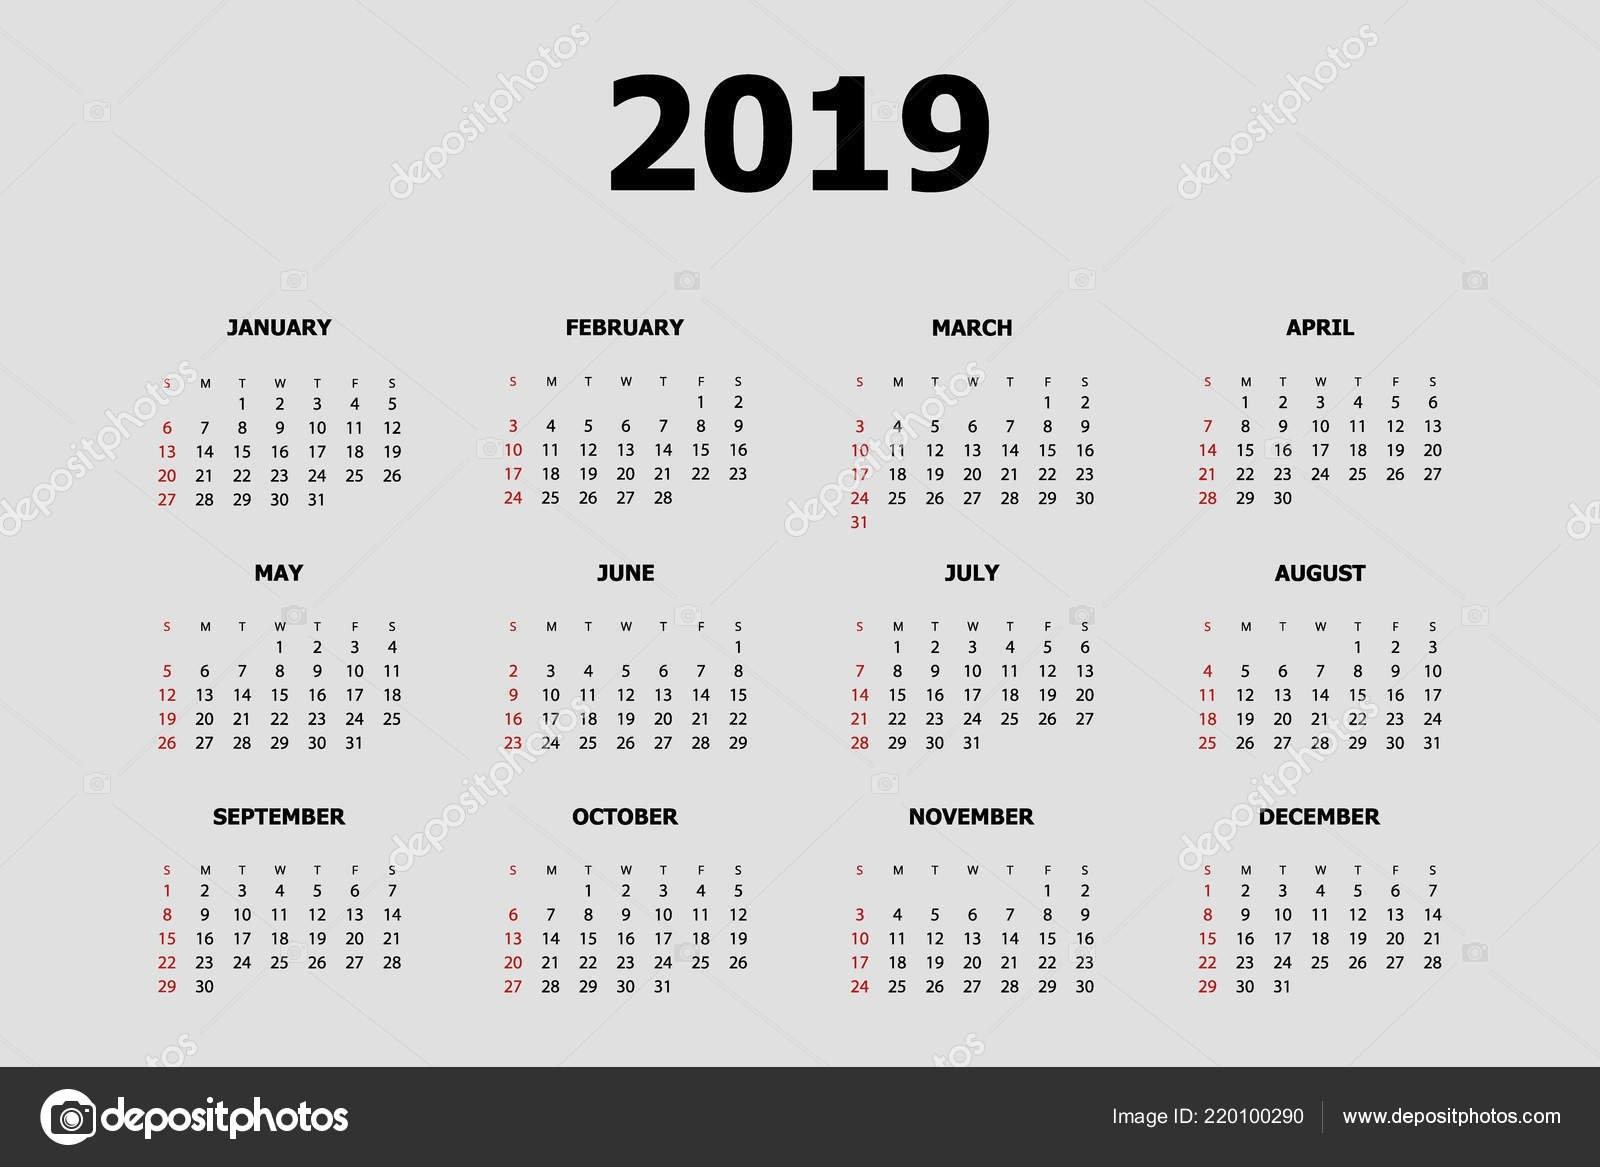 Calendar 2019 Vector Abstract — Stock Vector © Pupsy #220100290 Calendar 2019 Vector Download